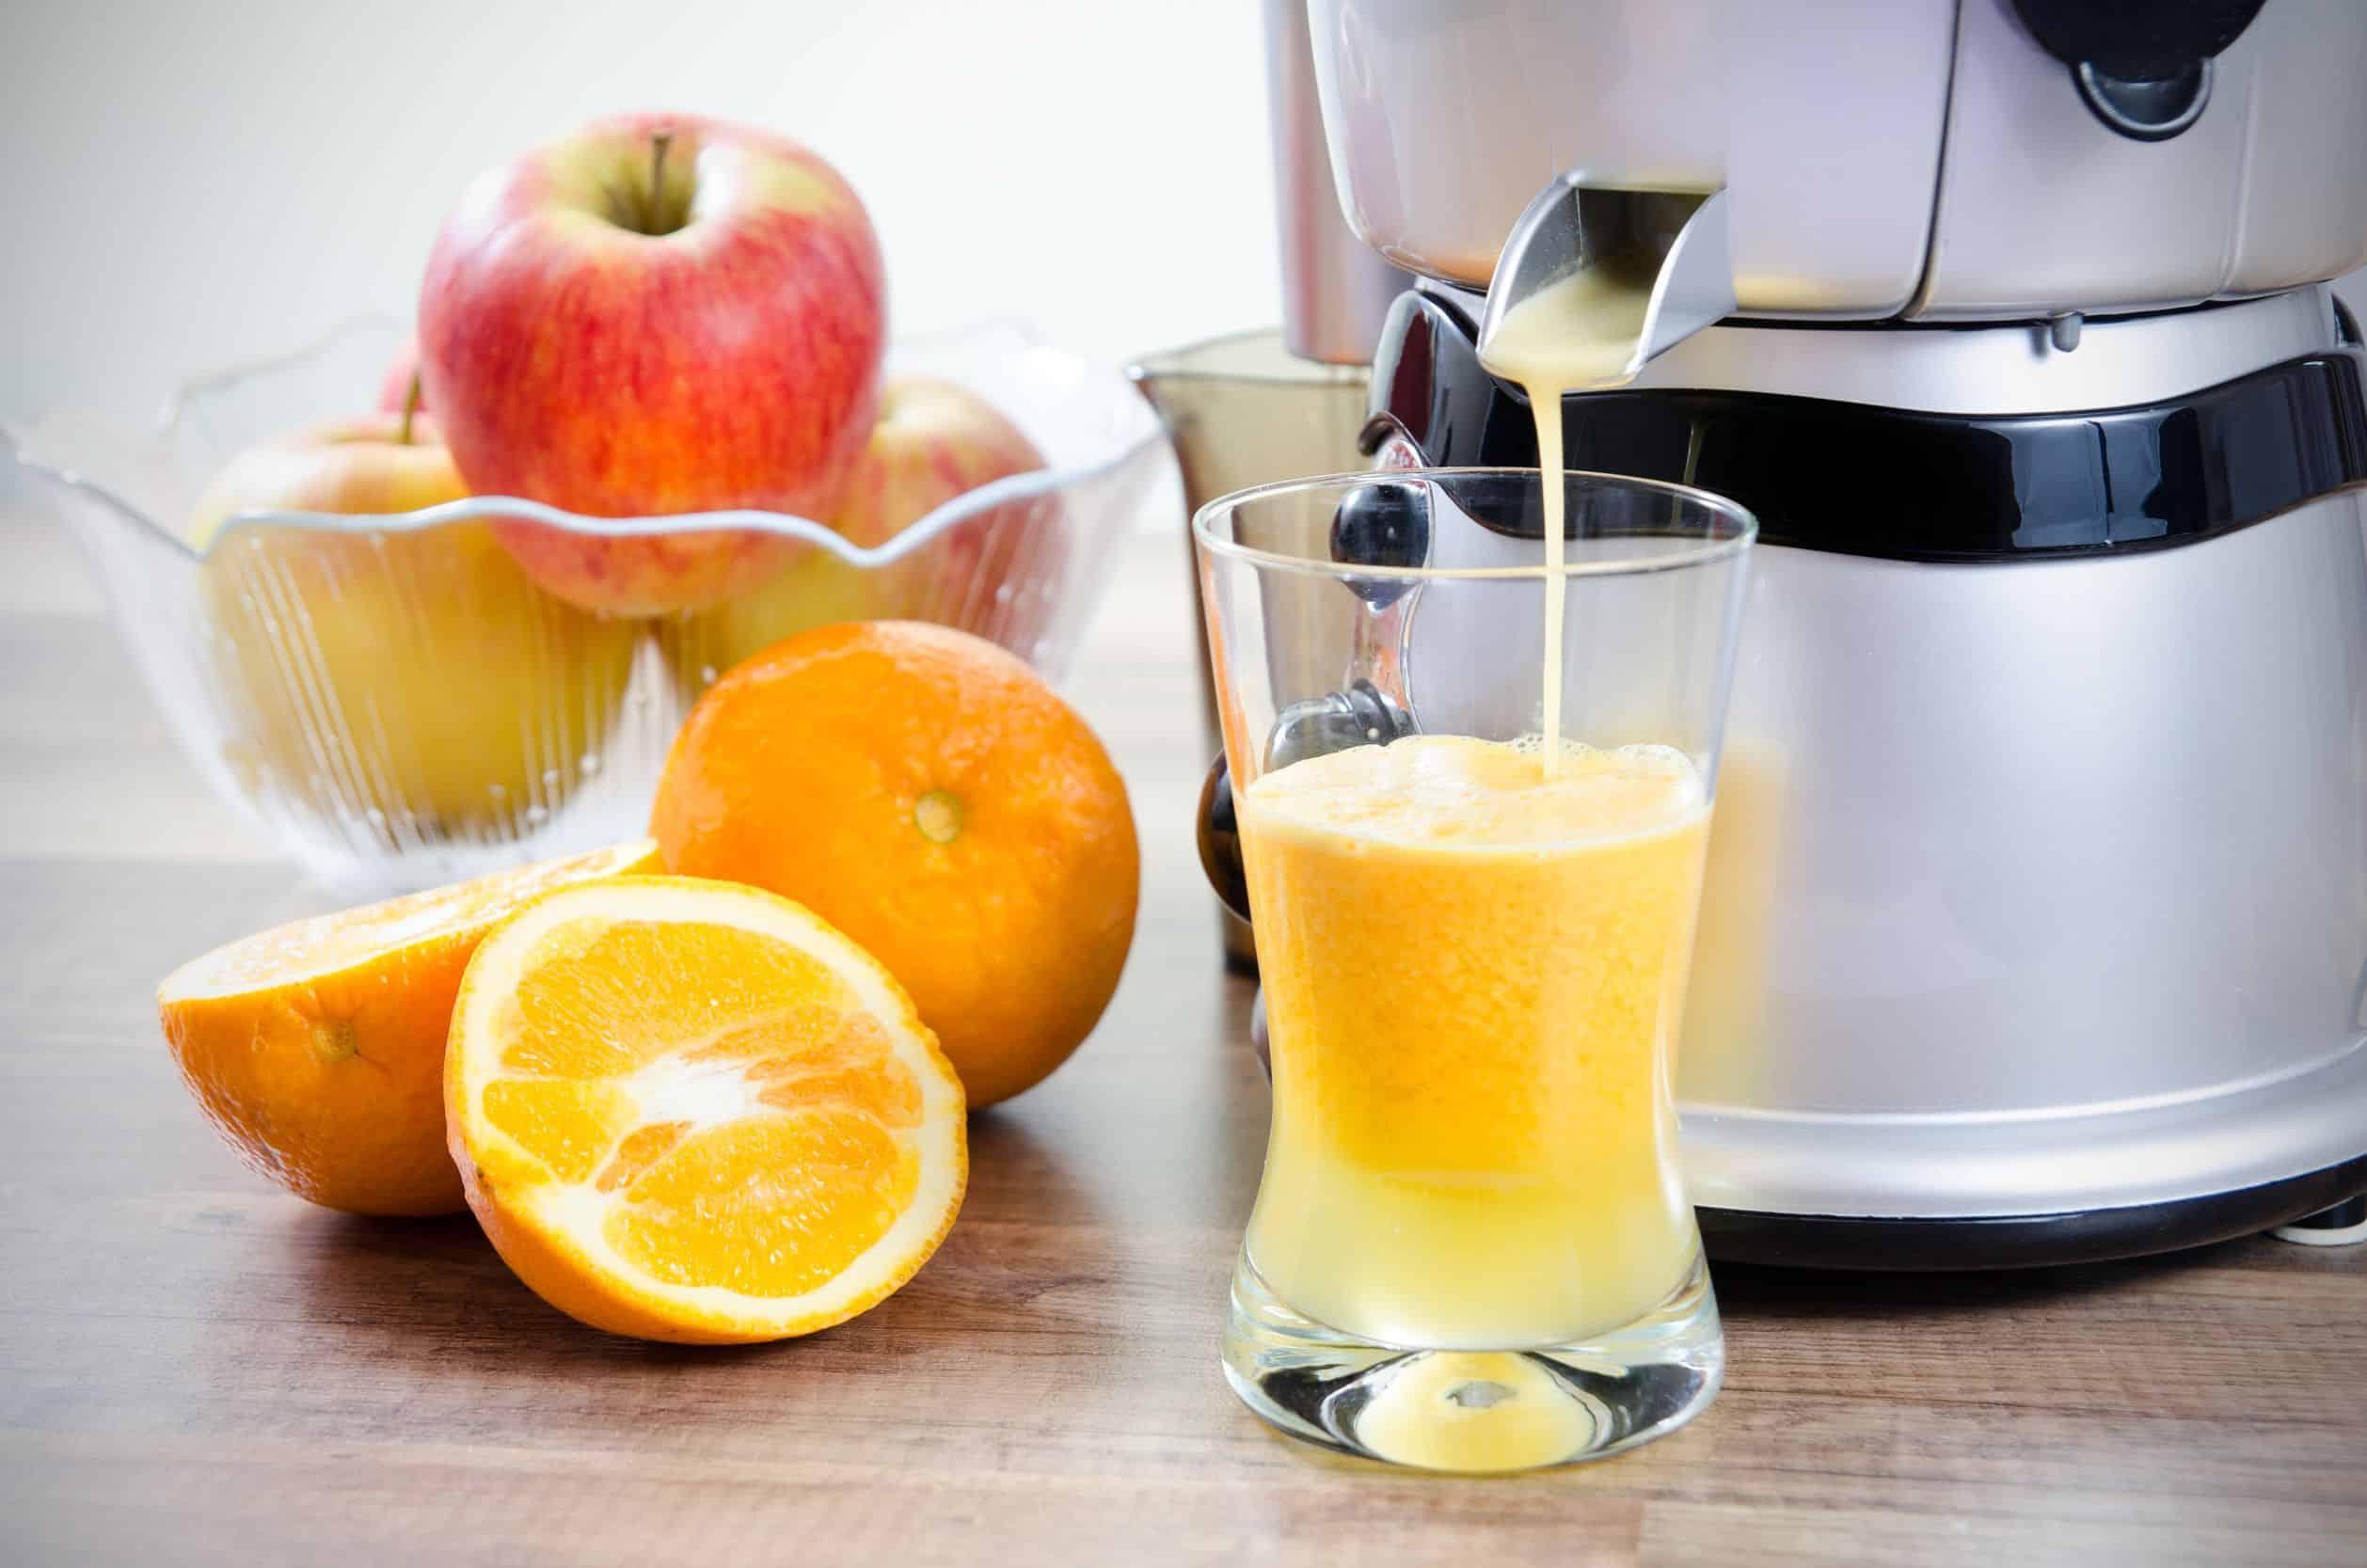 Fruchtpresse: Test & Empfehlungen (08/20)